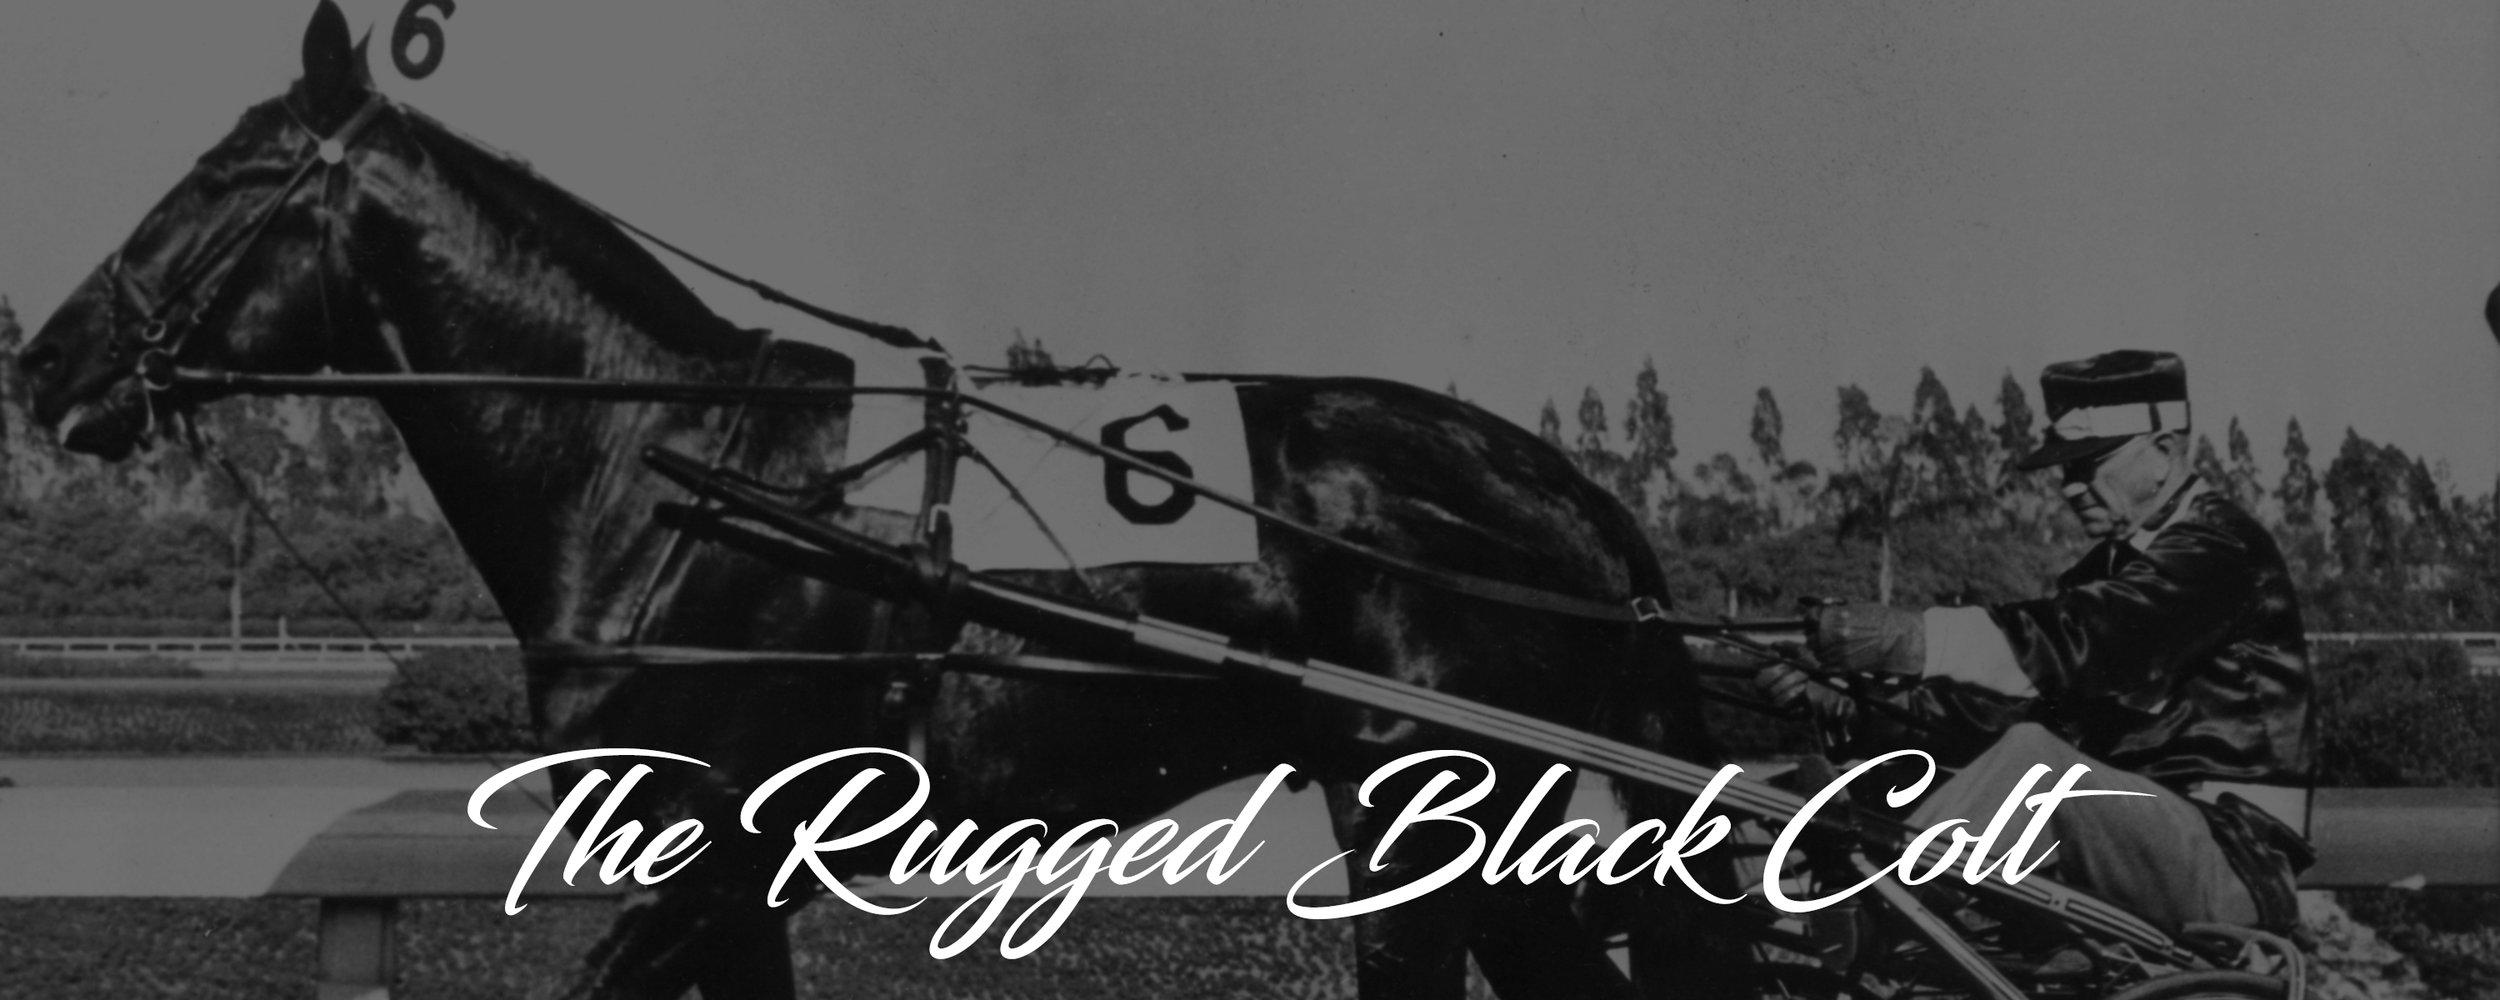 history banner 1947.jpg